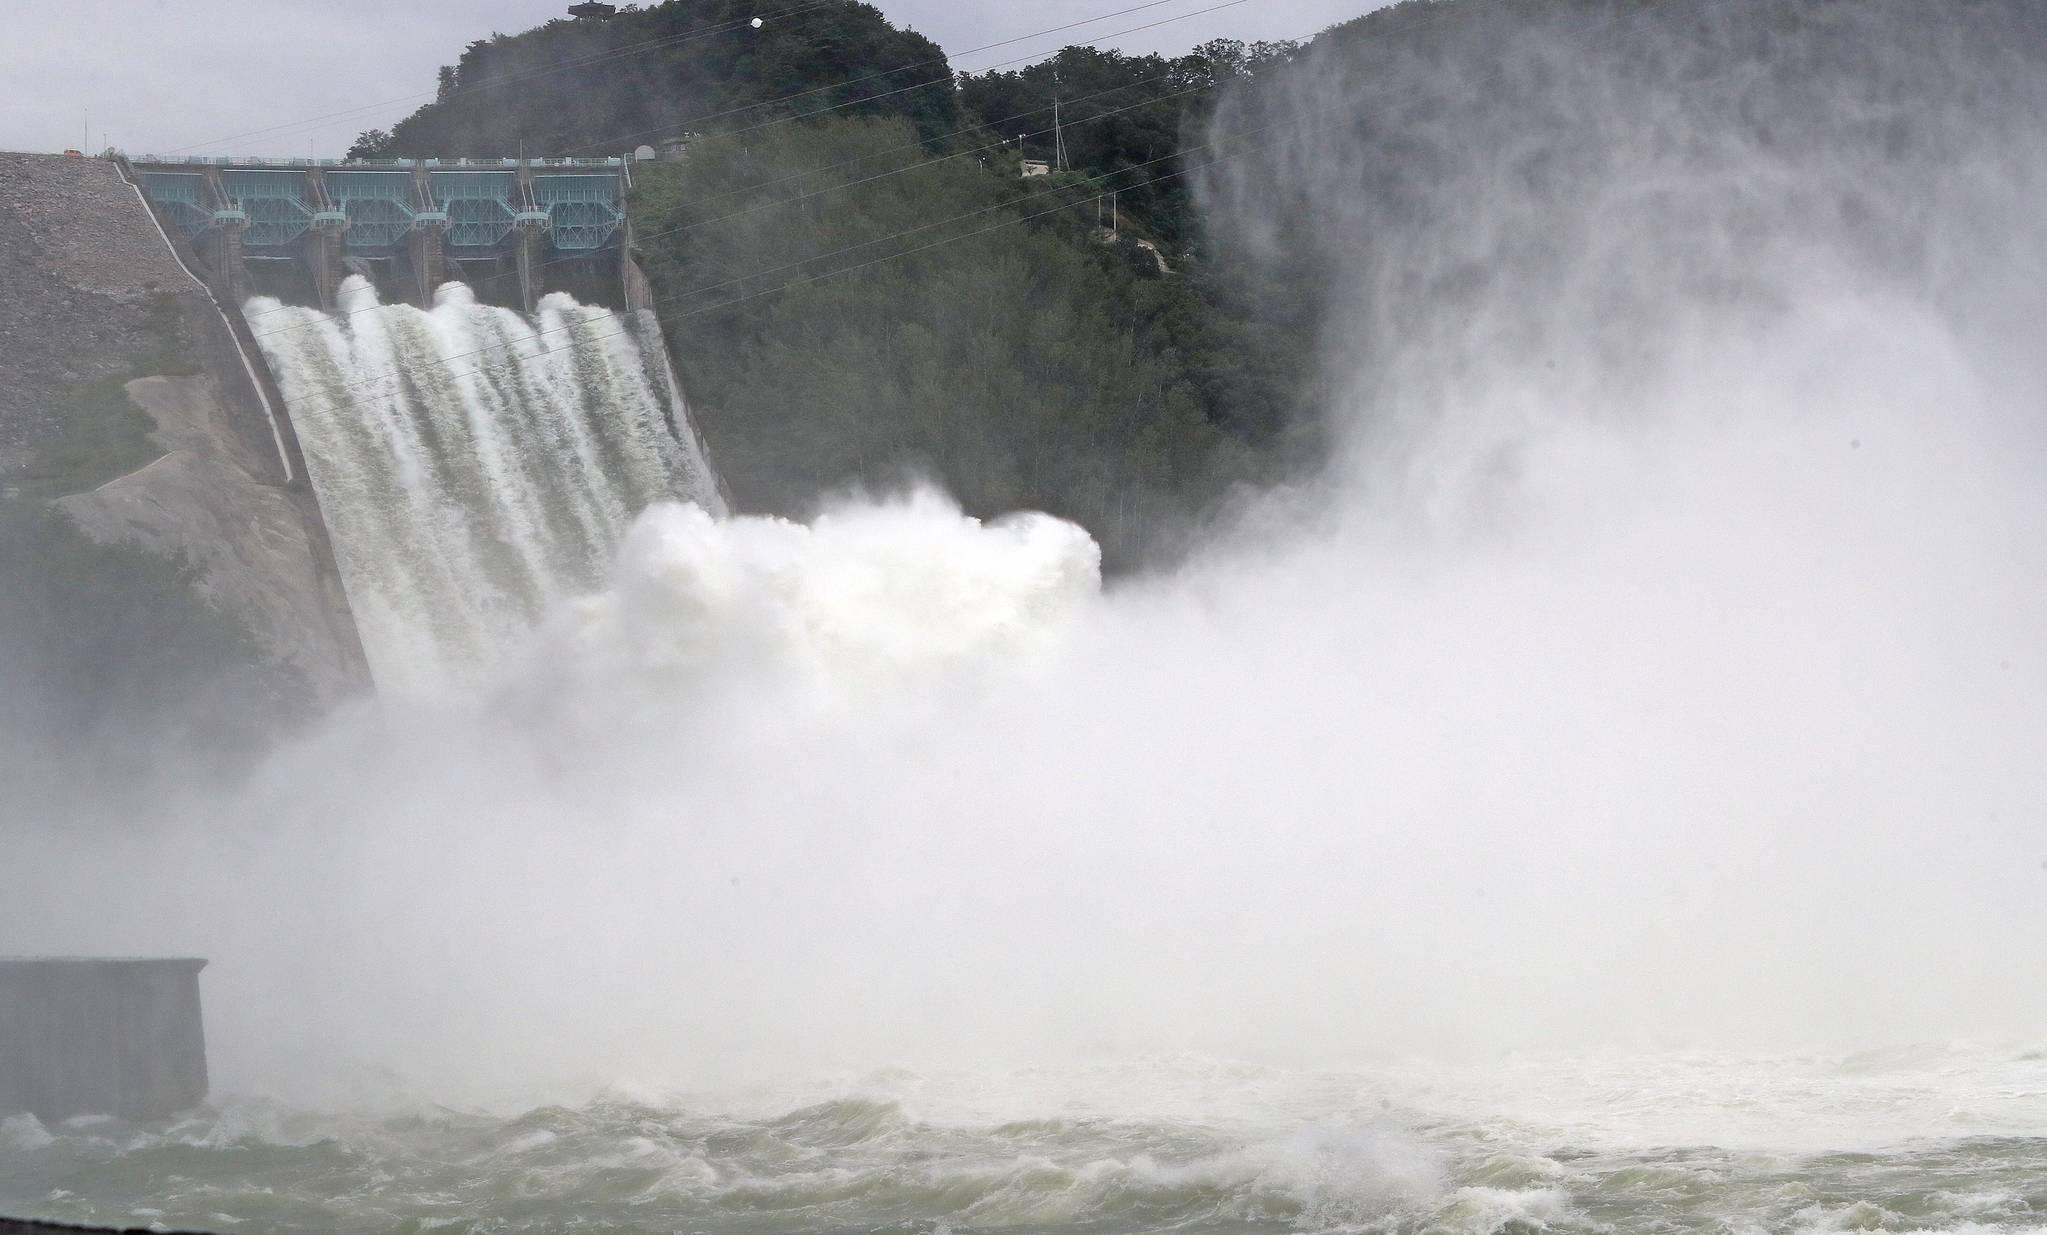 지난 8월 27일 강원 춘천시에 있는 소양강댐이 수문을 열고 방류를 하고 있다. 댐방류량을 나타내는 단위로는 CMS가 사용되기도 한다. 초당 몇톤의 물을 방류하느냐를 나타낸다. [연합뉴스]